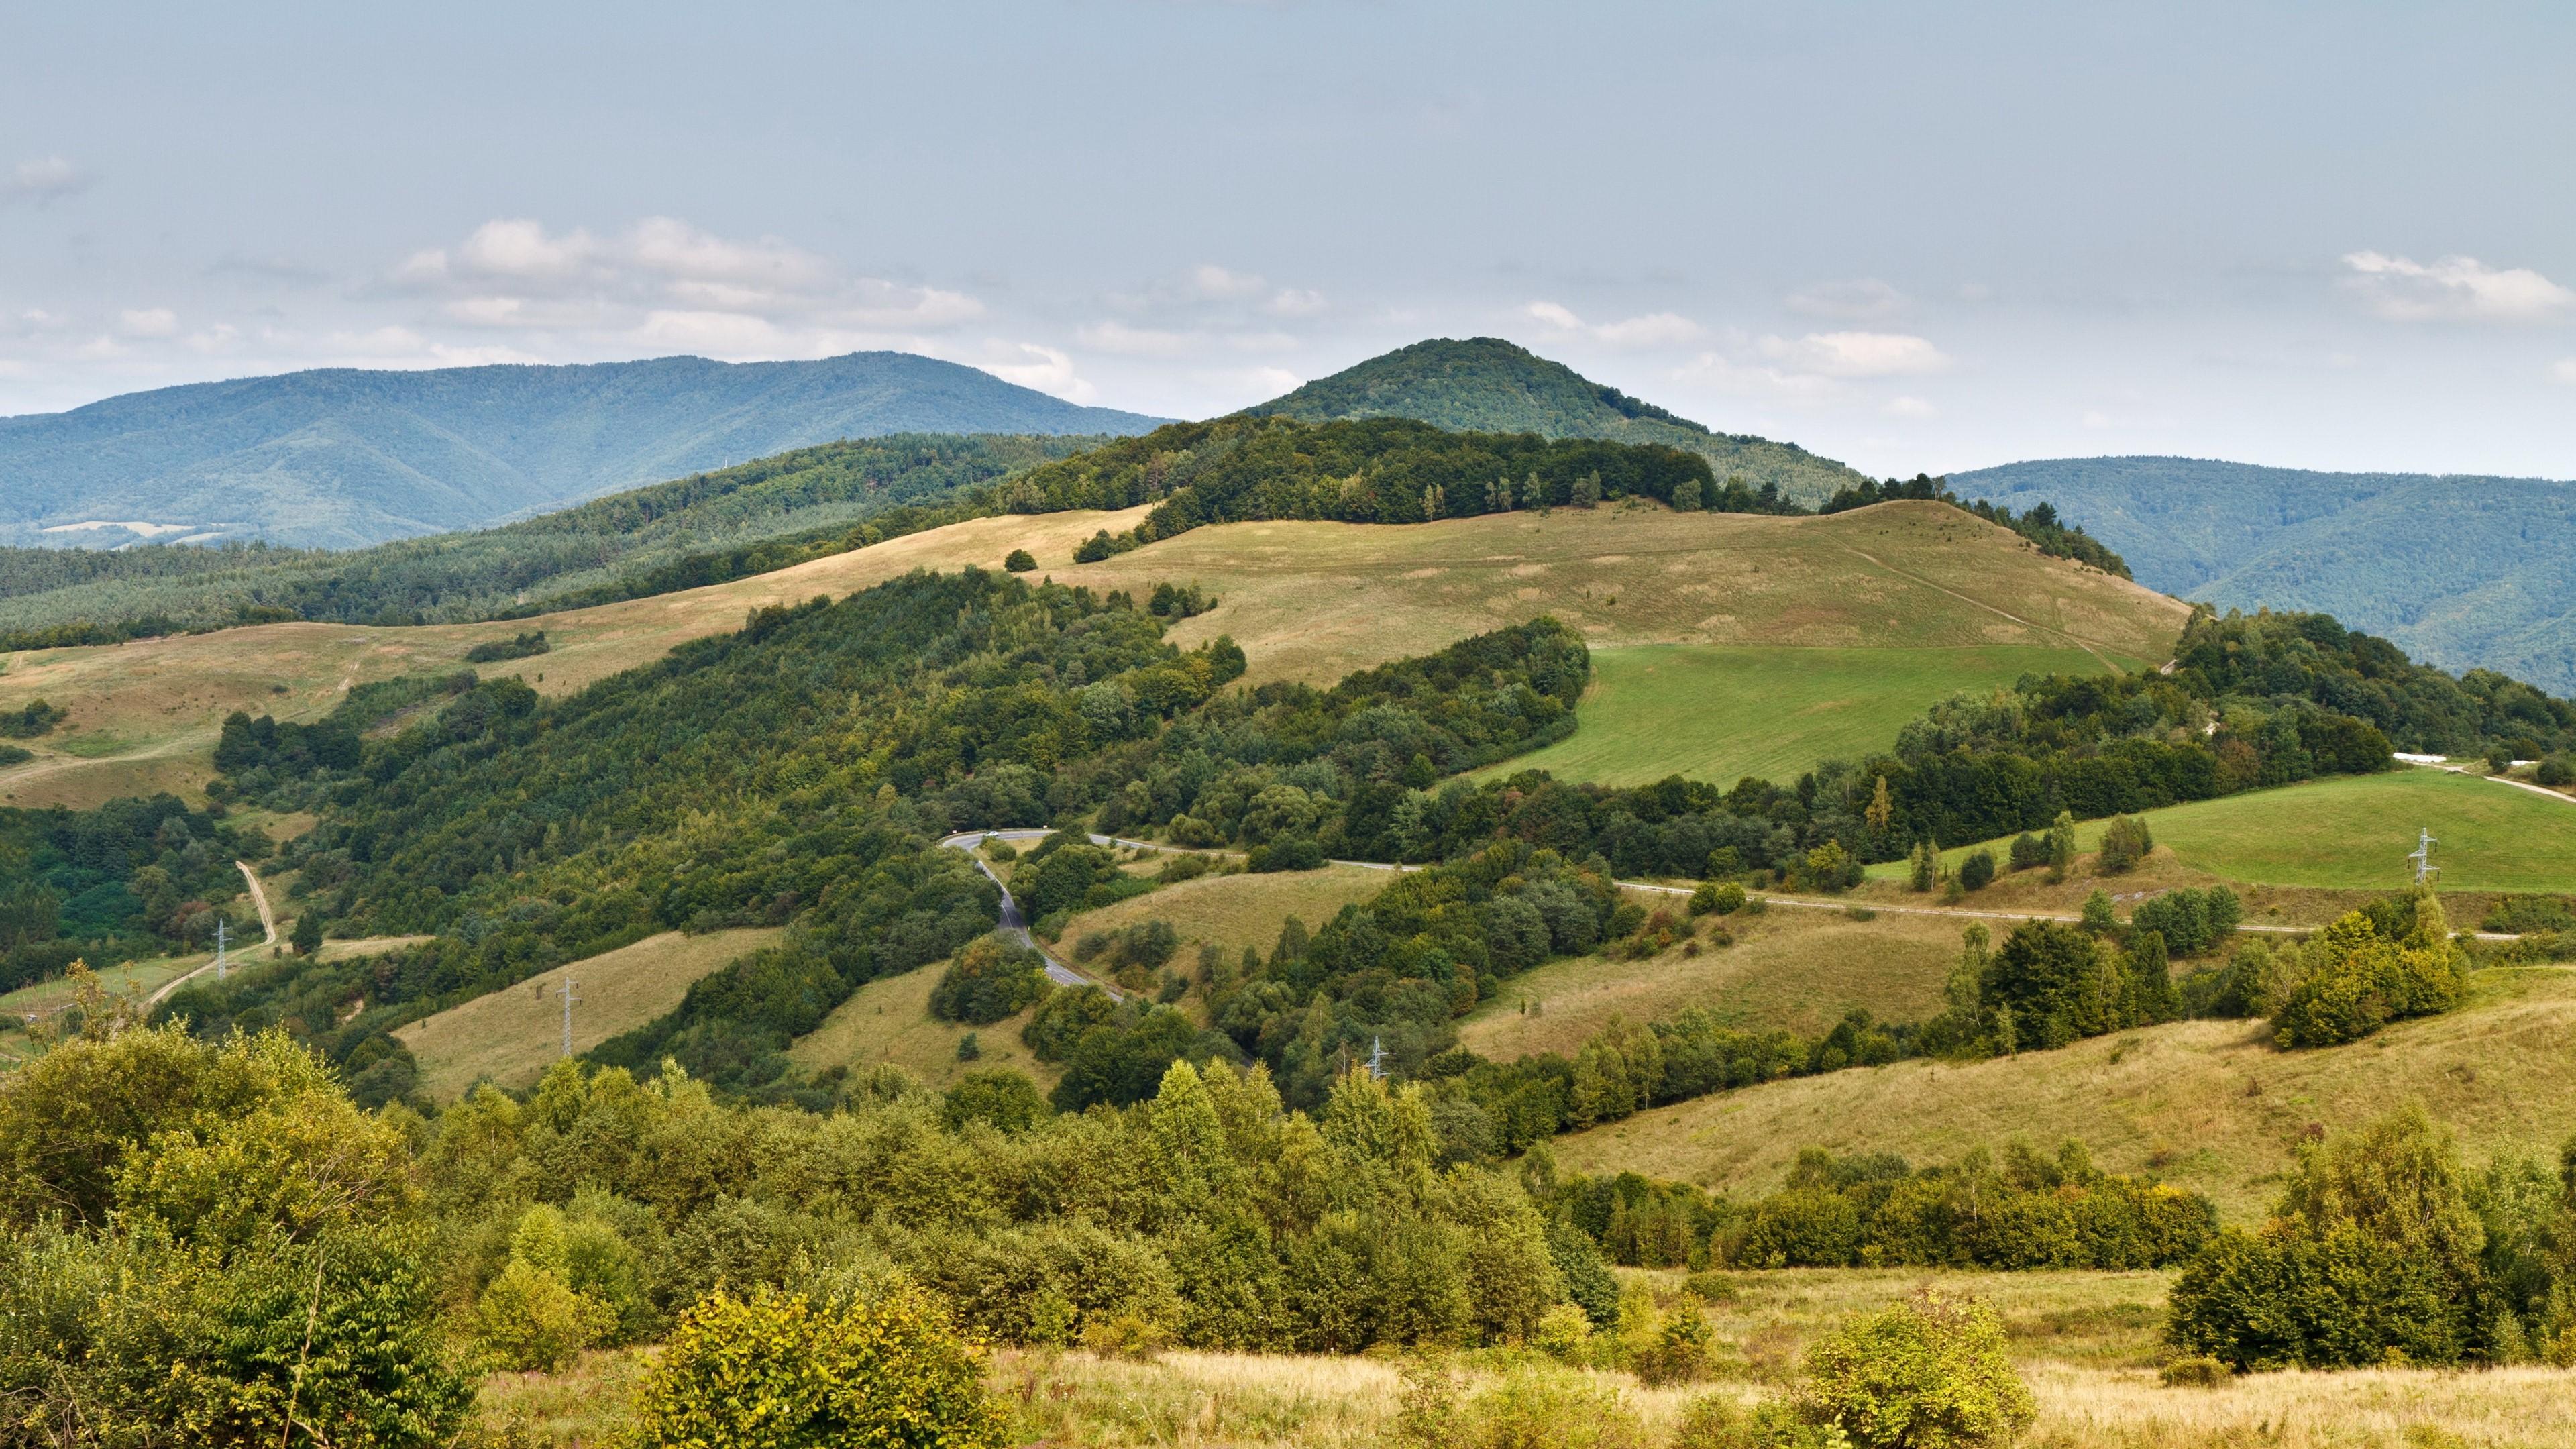 Fondos de pantalla Montañas de Eslovaquia